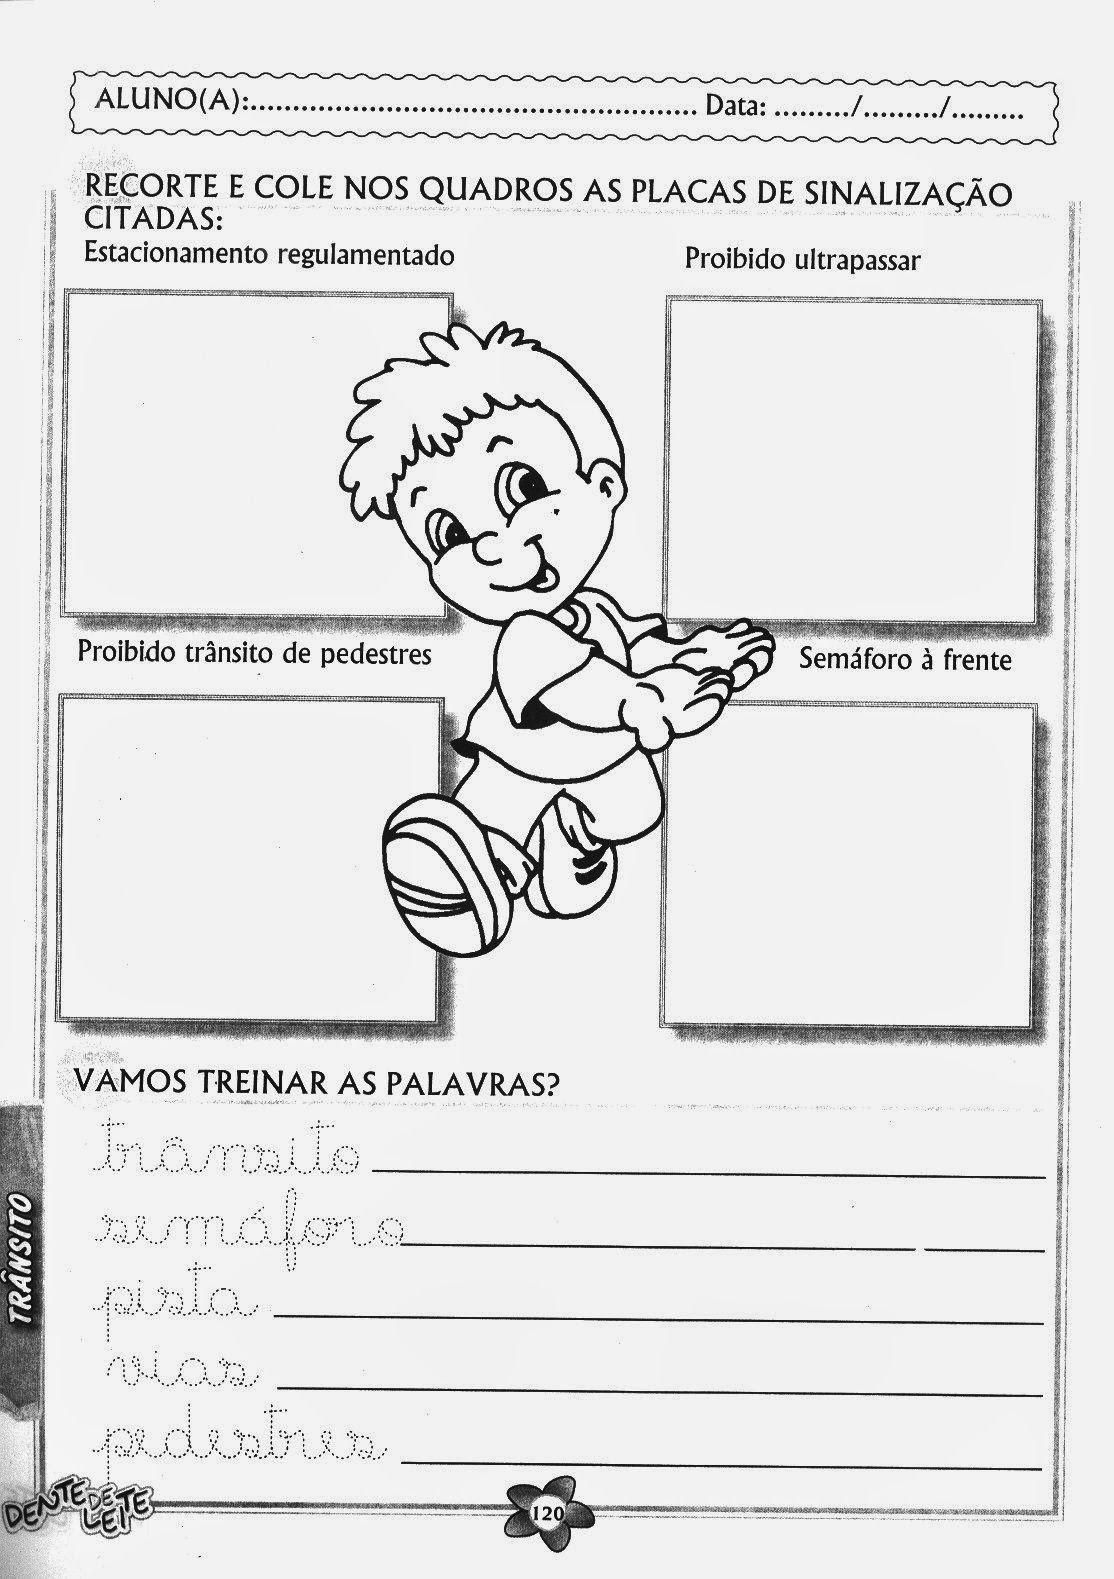 PROJETO-TRÂNSITO-EDUCAÇÃO-INFANTIL-ATIVIDADES-SEMÁFORO-TRANSPORTE+(16).jpg  (1114×1579) | Atividades para imprimir, Semana do trânsito, Educação  infantil